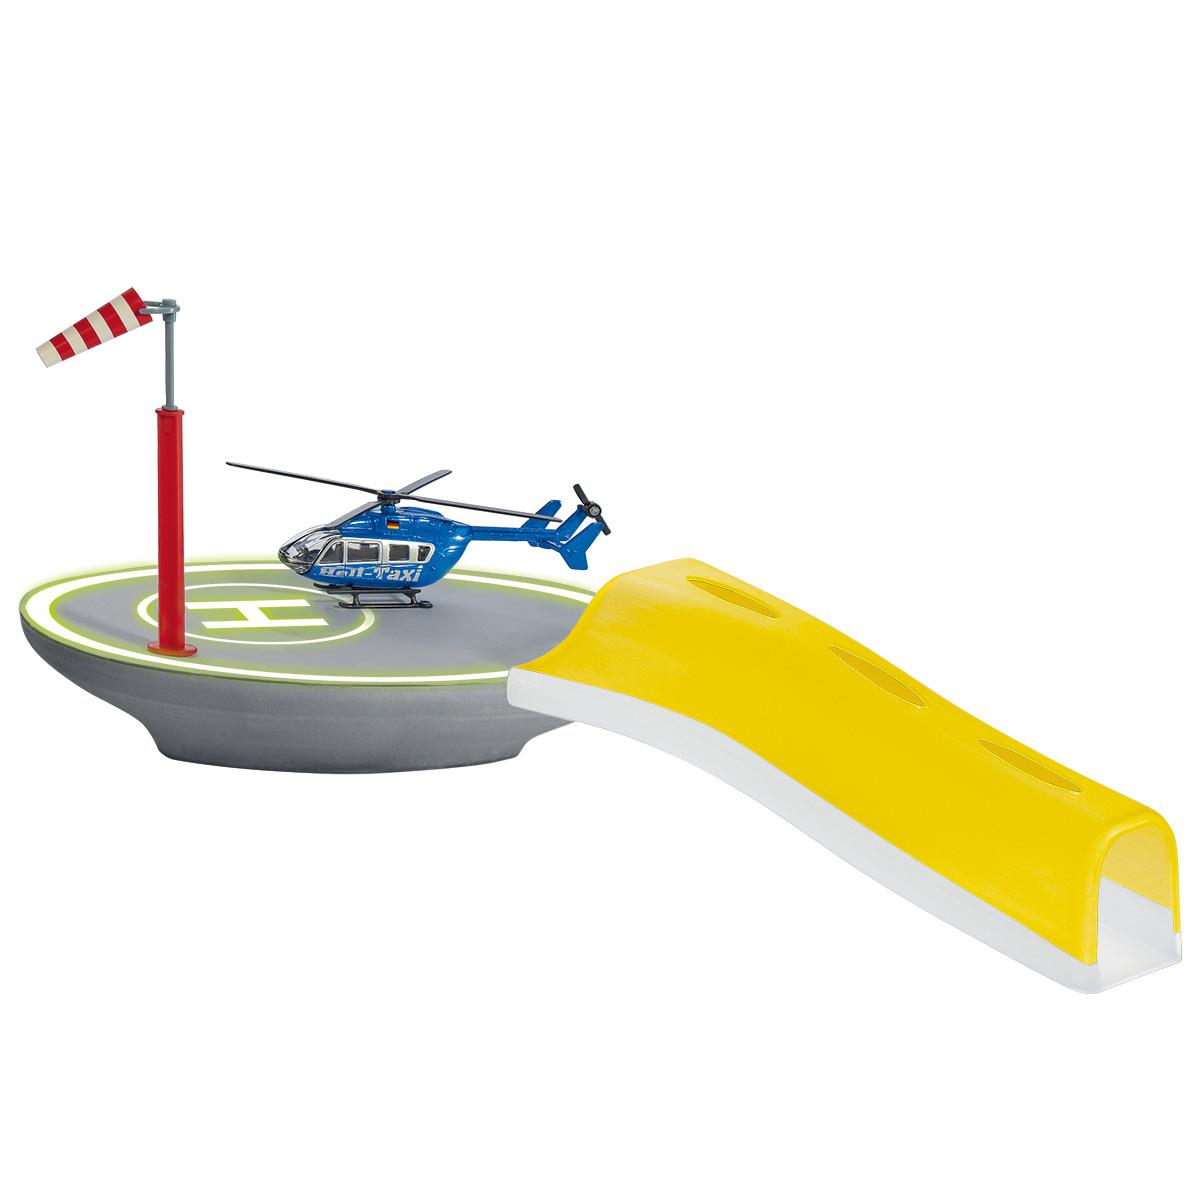 SIKU WORLD ヘリポート (ジク・SIKU)